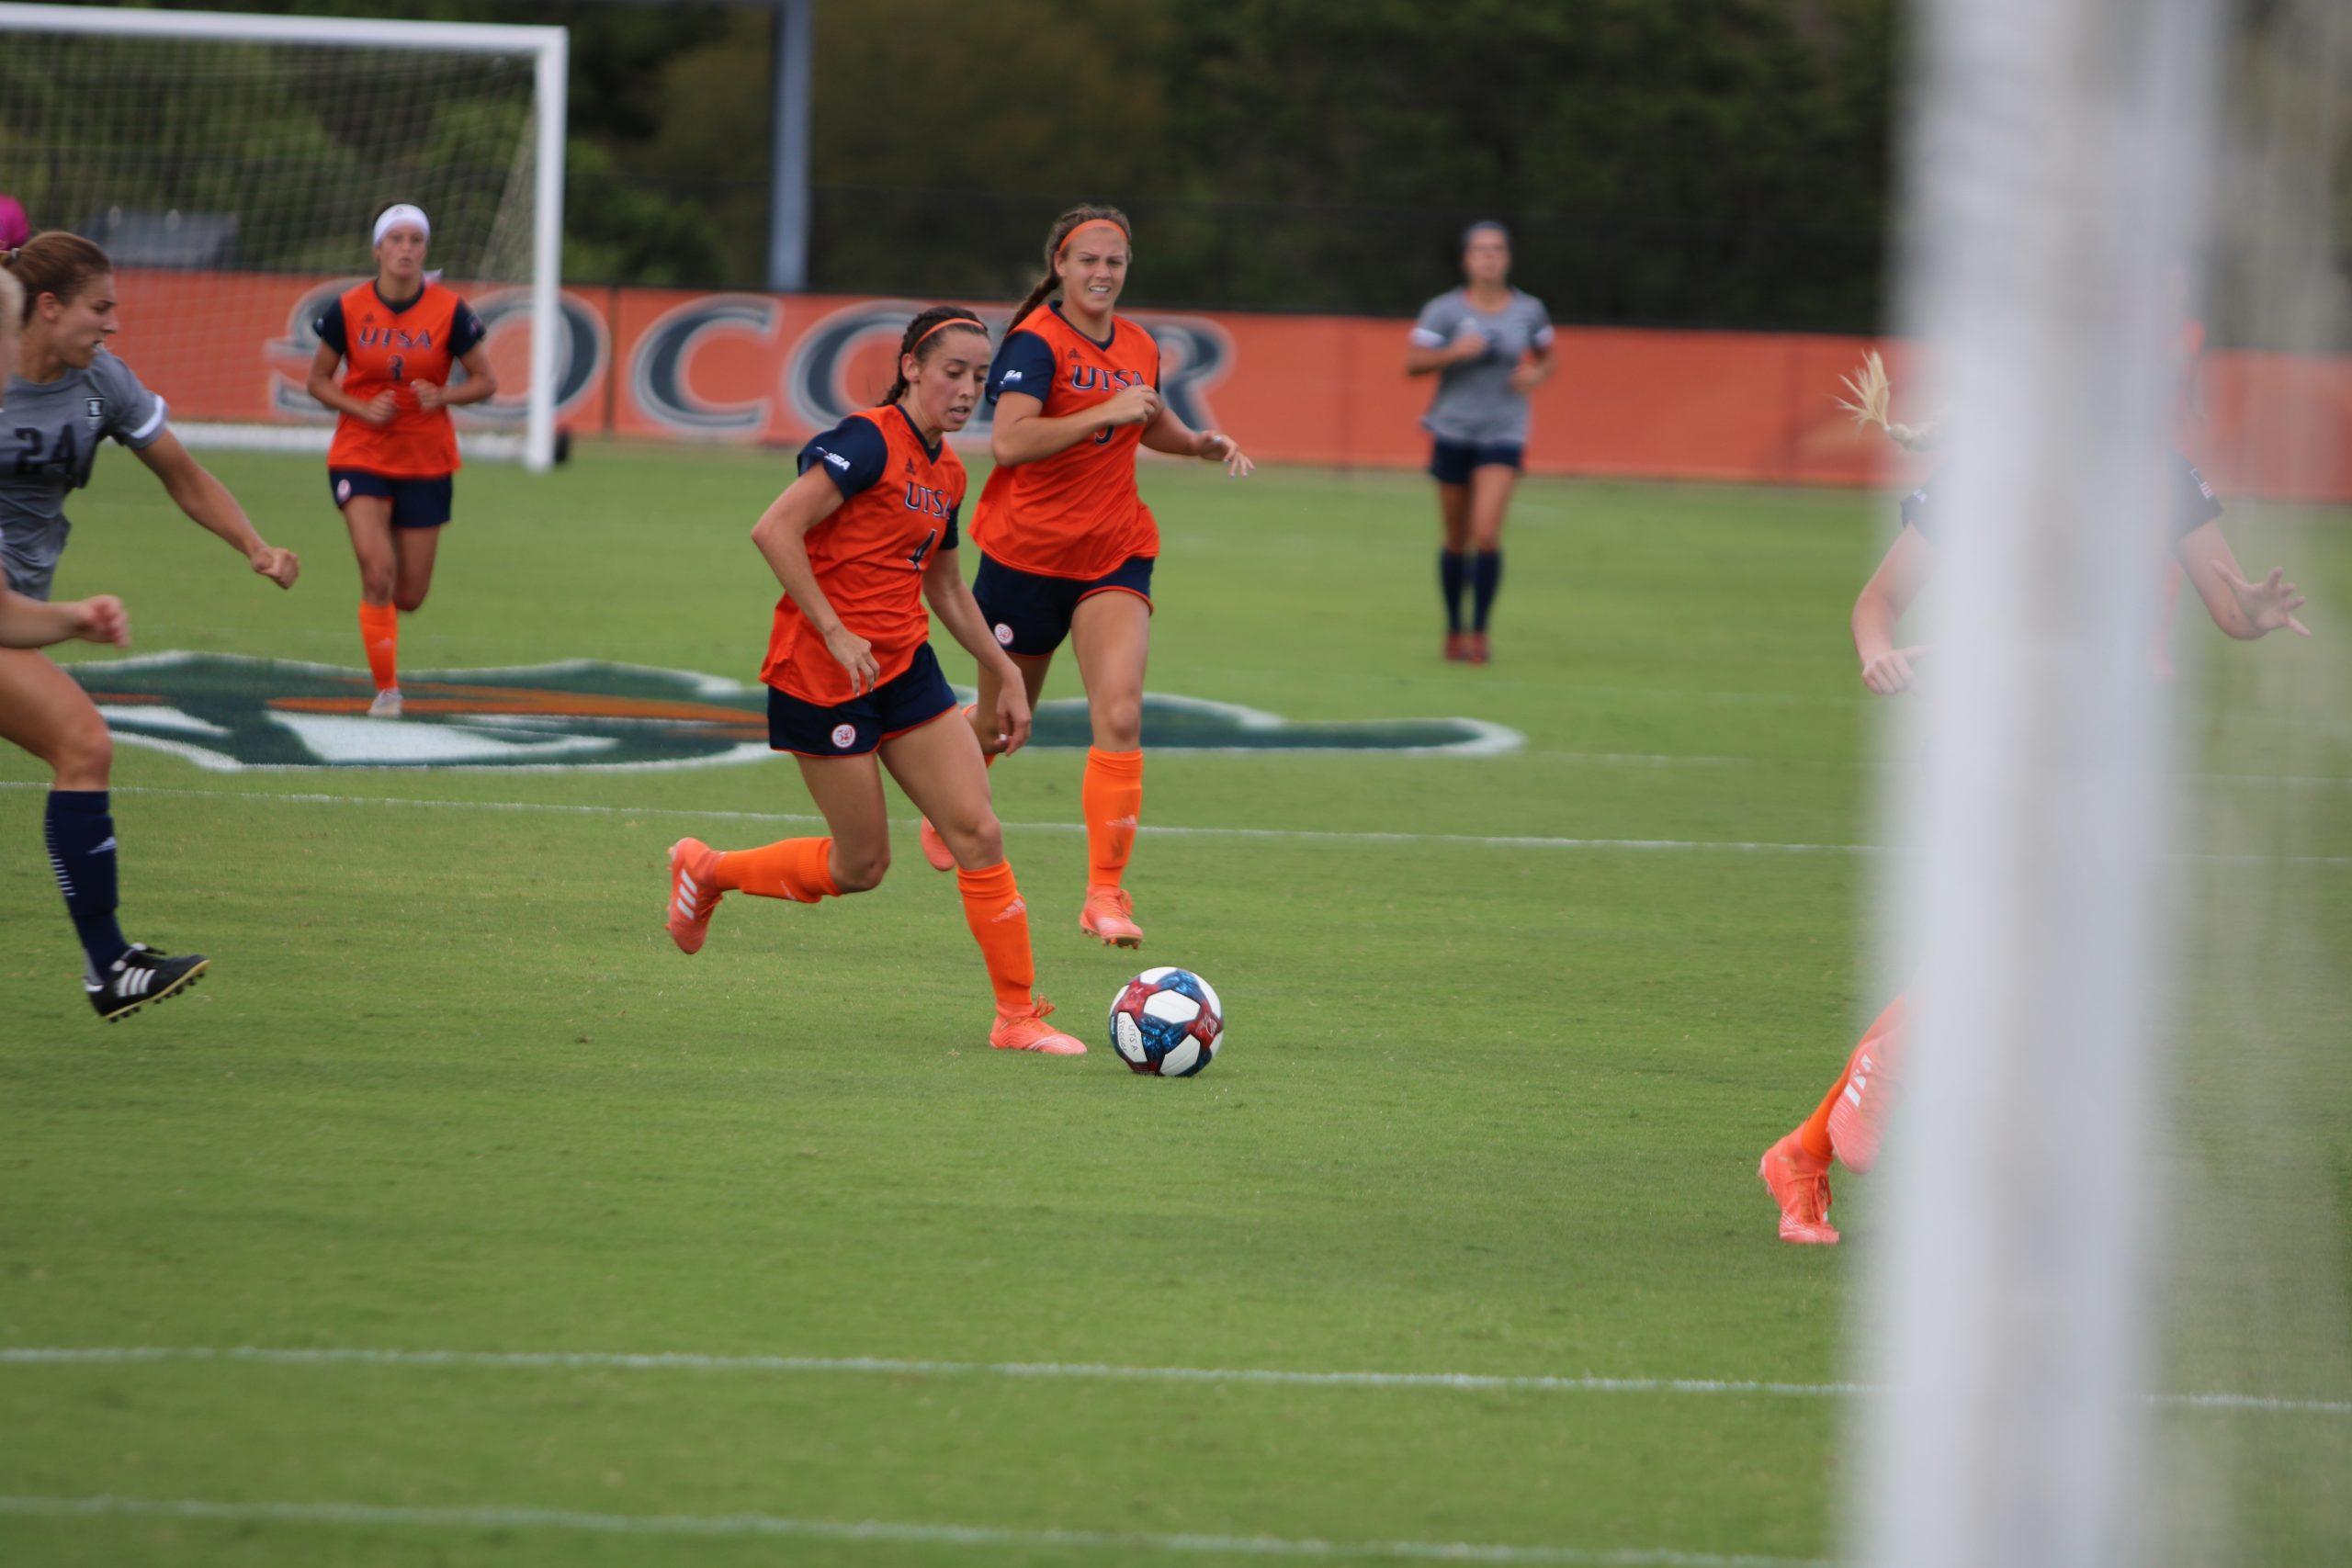 Lexi Bolton runs after a ball. Photo by Donald Escamilla